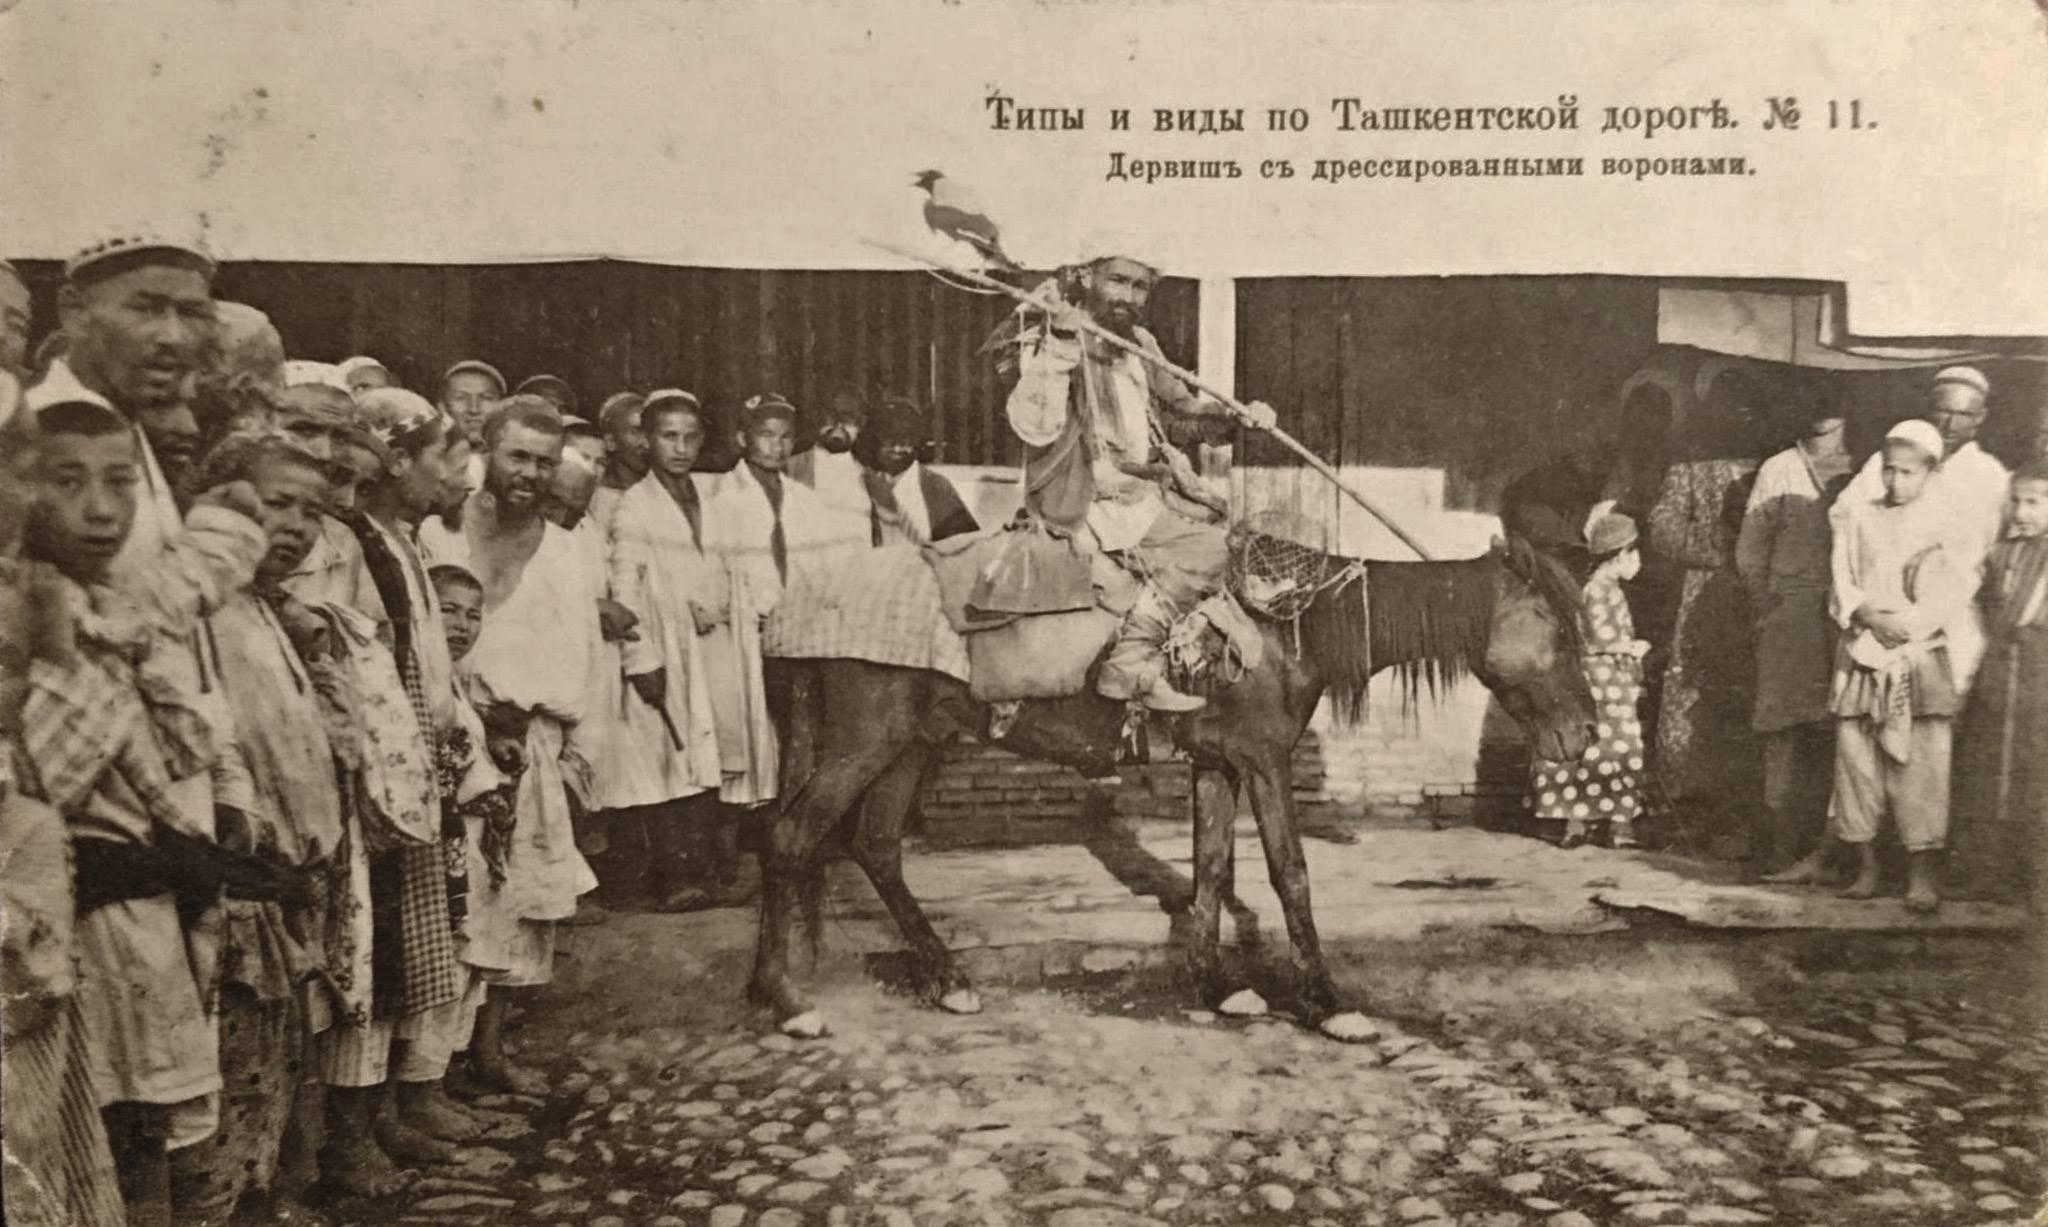 Окрестности Ташкента. Дервиш с дрессированными воронами